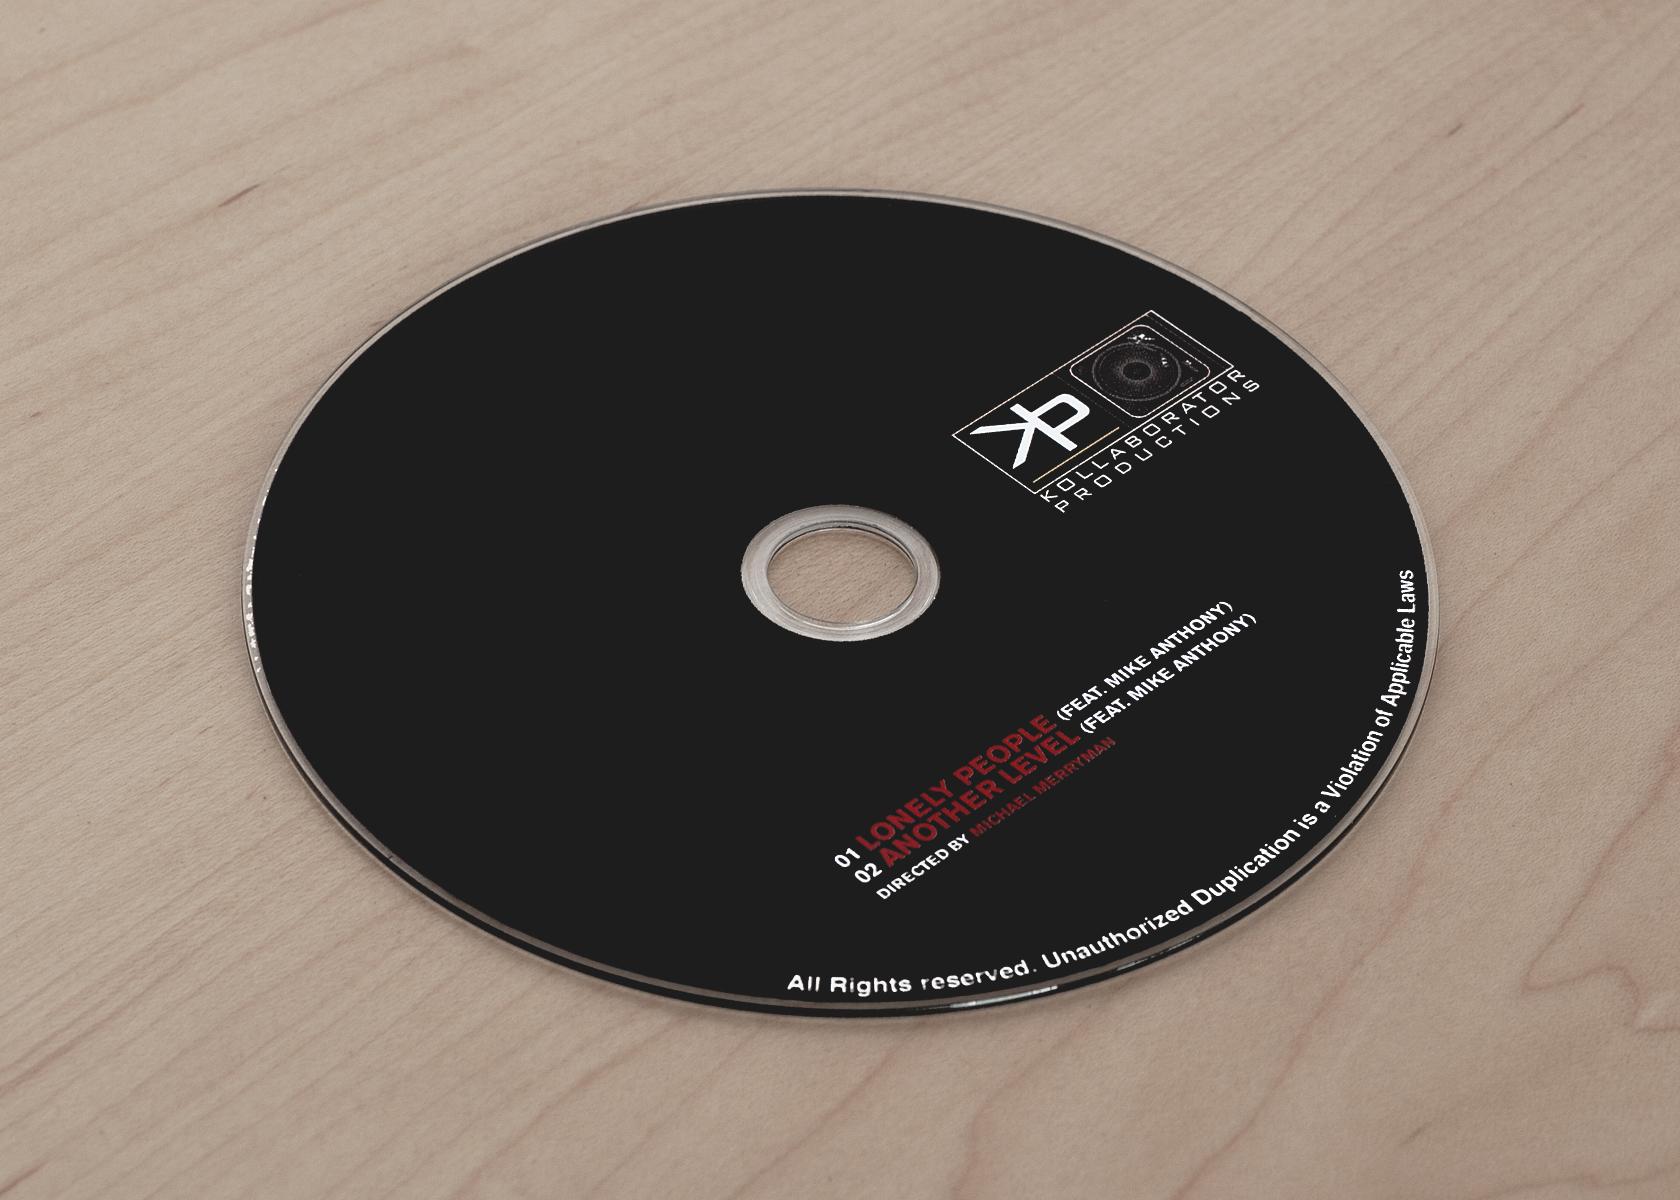 Kollaborators_Under_Disc_1680x1200_TRT